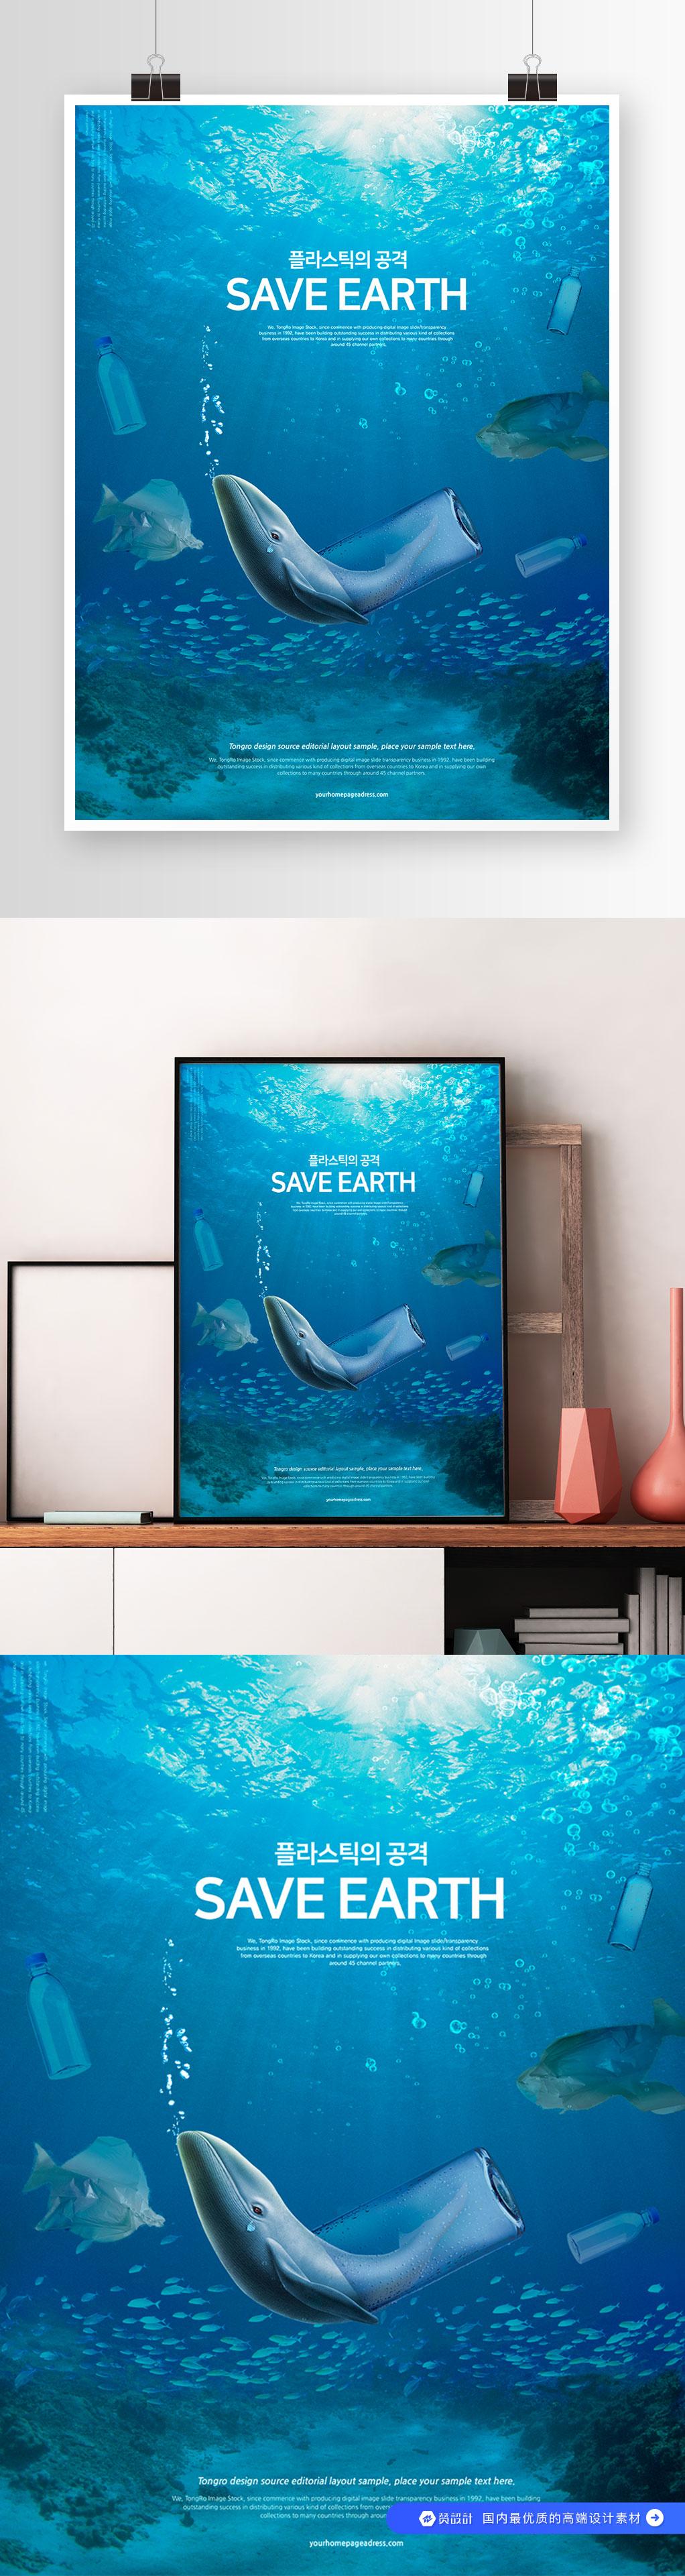 海洋环境日保护动物公益宣传海报